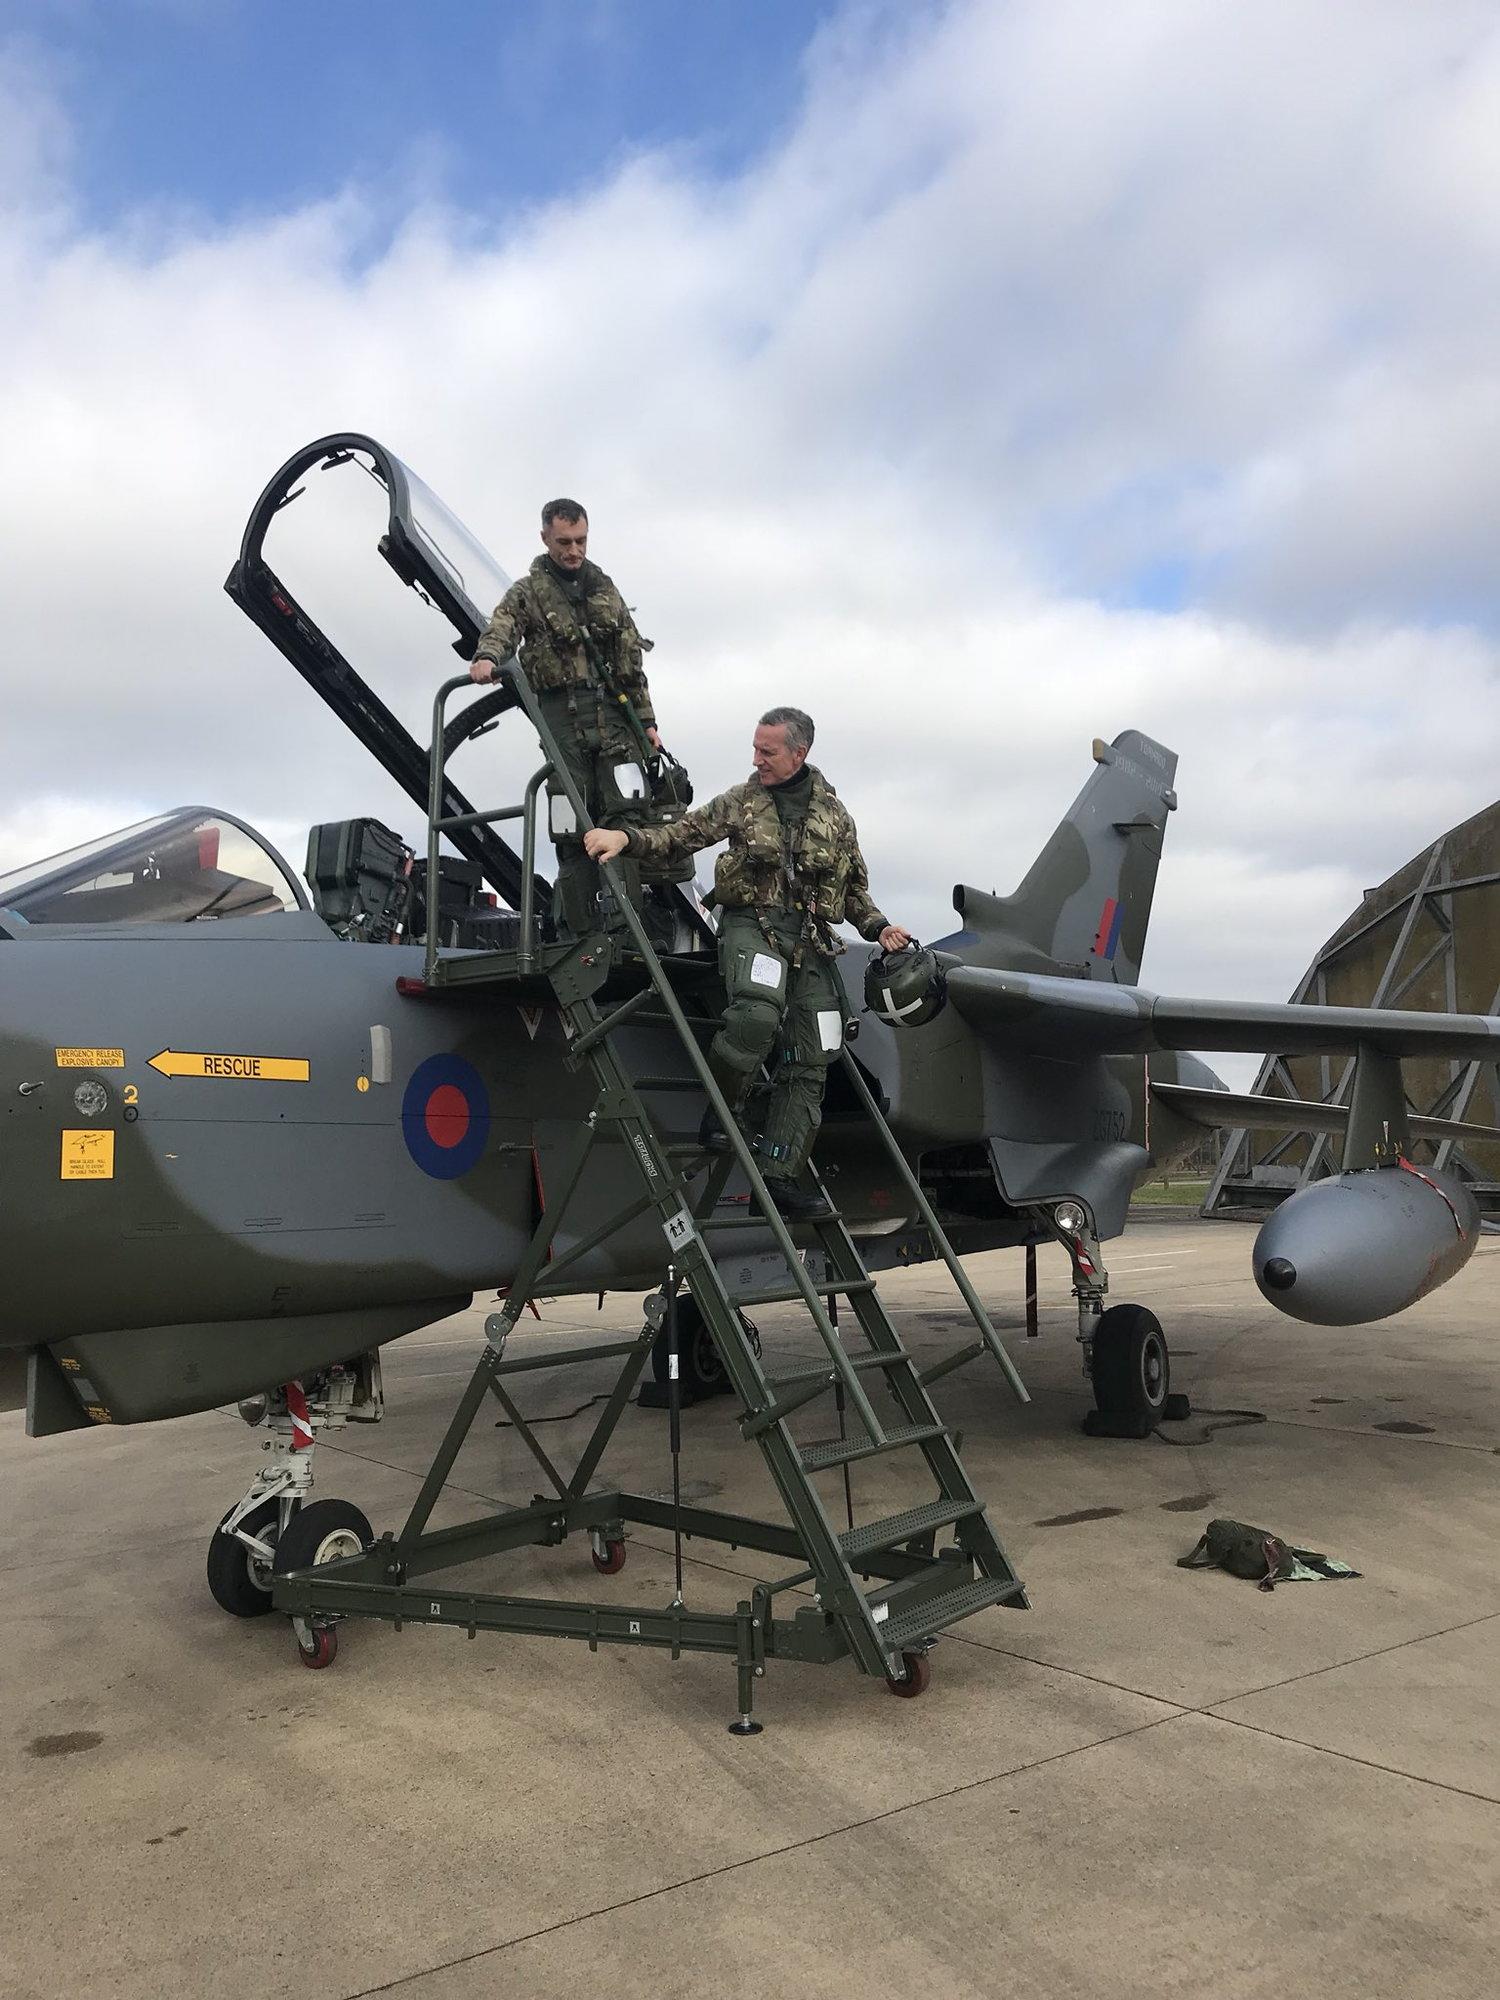 PPRuNe Forums - View Single Post - Tornado GR4 last flight